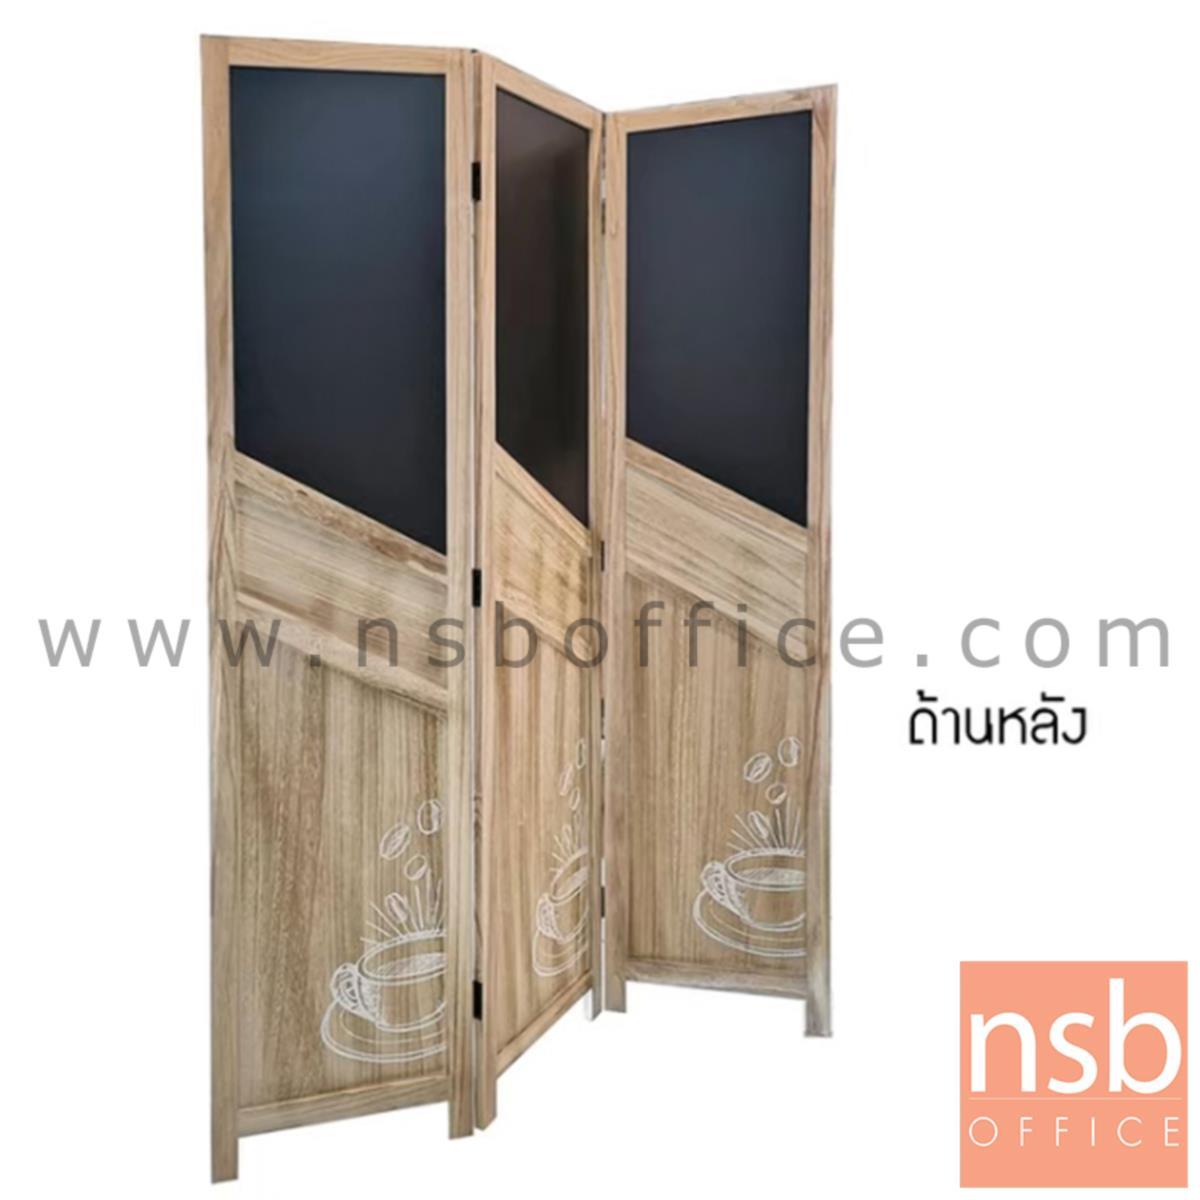 ฉากกั้นห้อง 3 บานพับไม้ รุ่น Julia (จูเลีย) ขนาด 120W*170H cm.